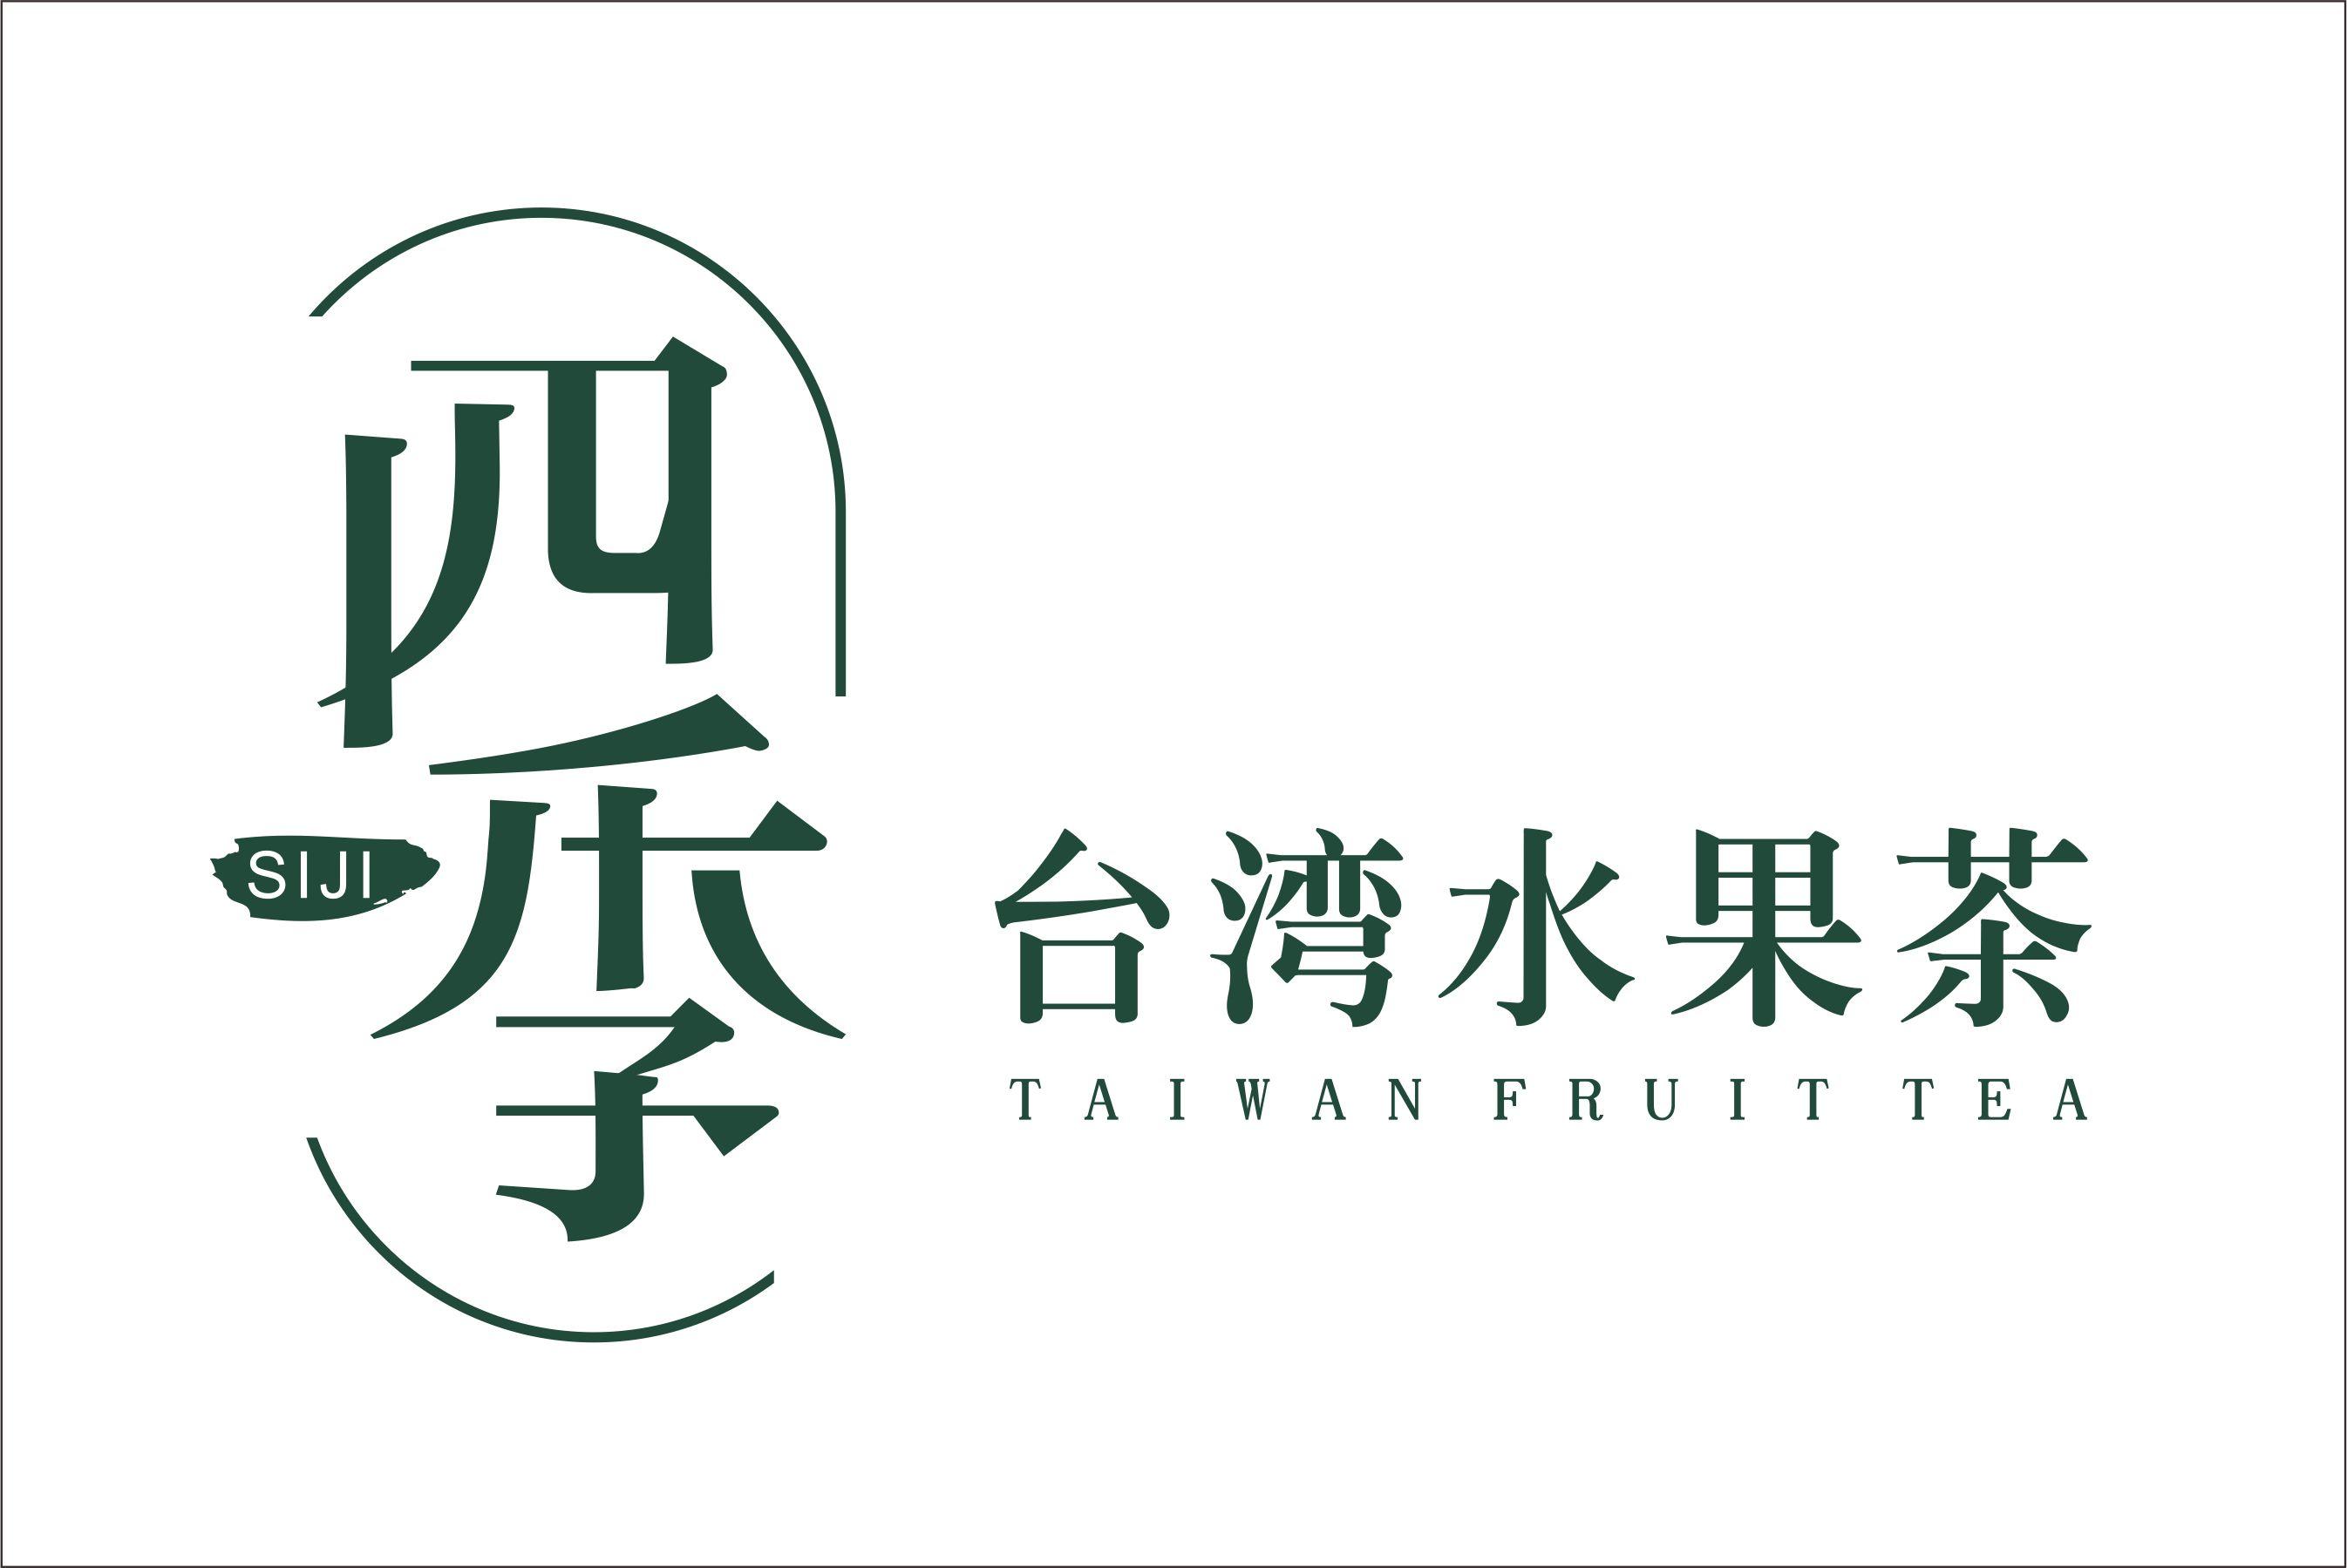 品牌平面设计注册图文图形ogo标志商标lLOGO设计企业公司